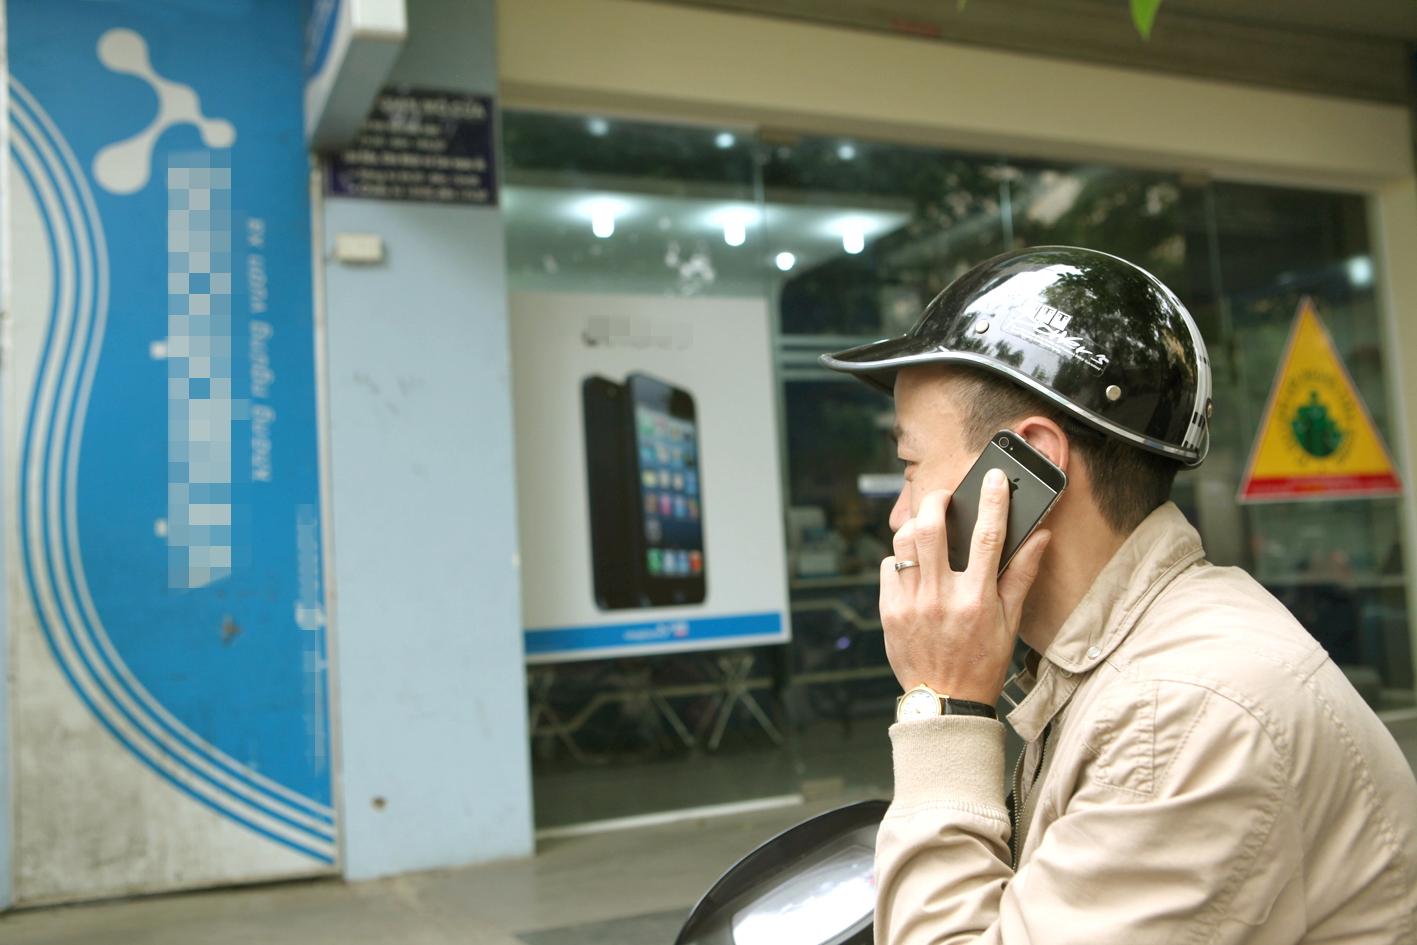 Các cuộc gọi quảng cáo bất kể giờ giấc, thời điểm đang làm phiền người dùng điện thoại  - Ảnh: Ngọc Thắng